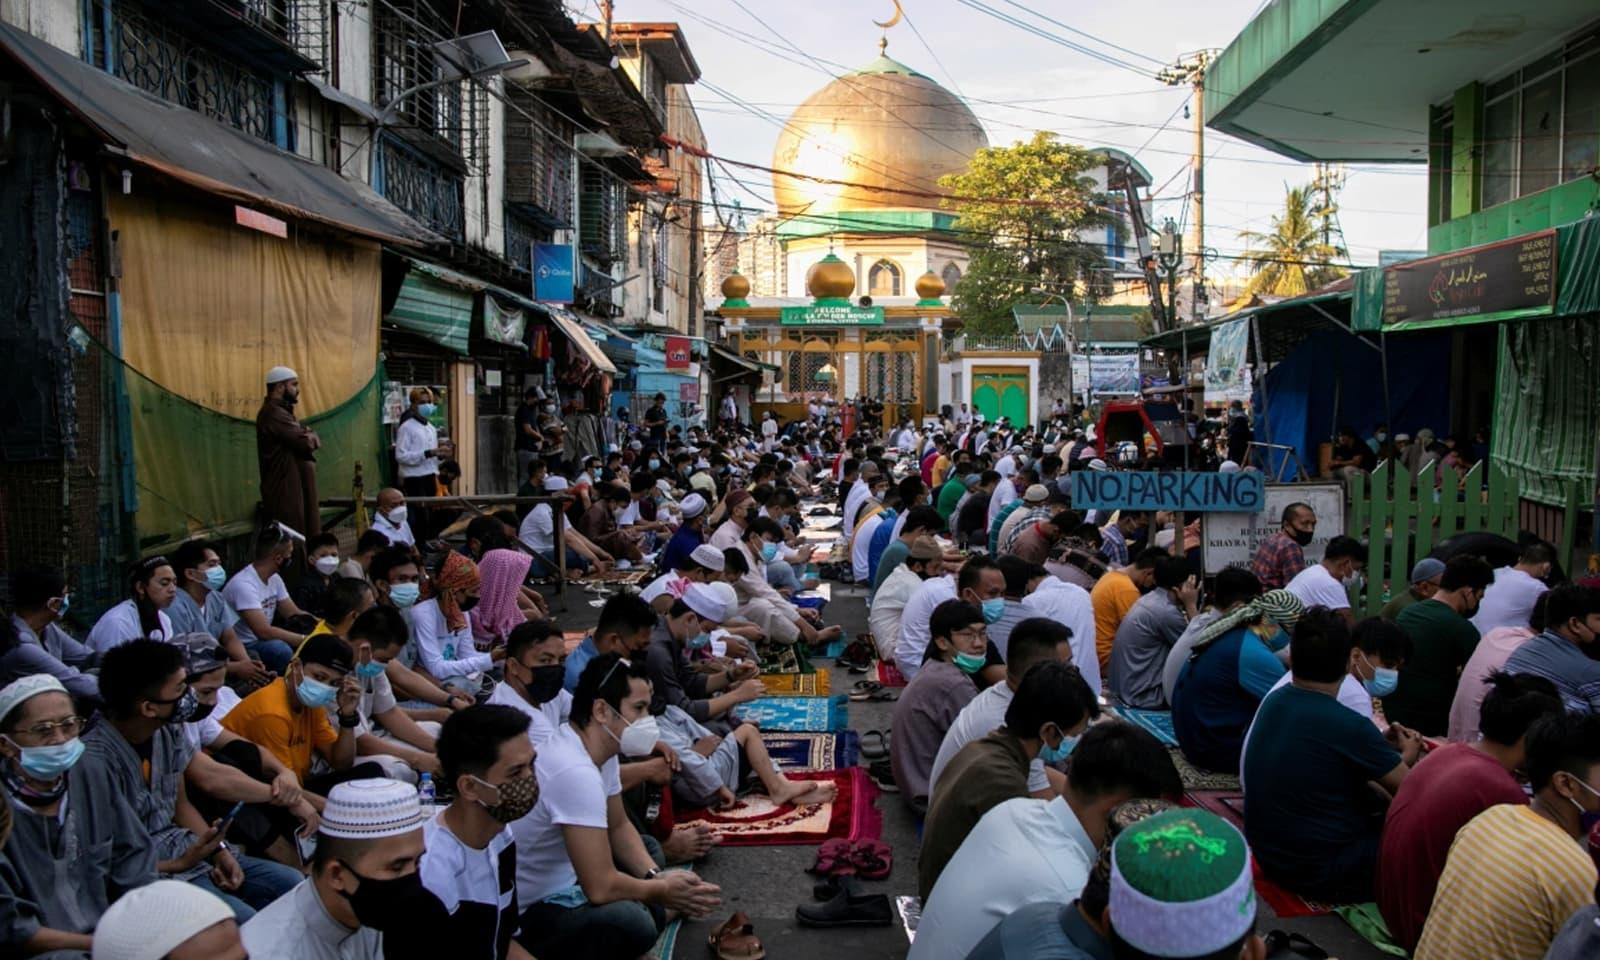 فلپائن میں بھی لوگوں نے ماسکس پہن کر عید کی نماز ادا کی  —فوٹو: رائٹرز